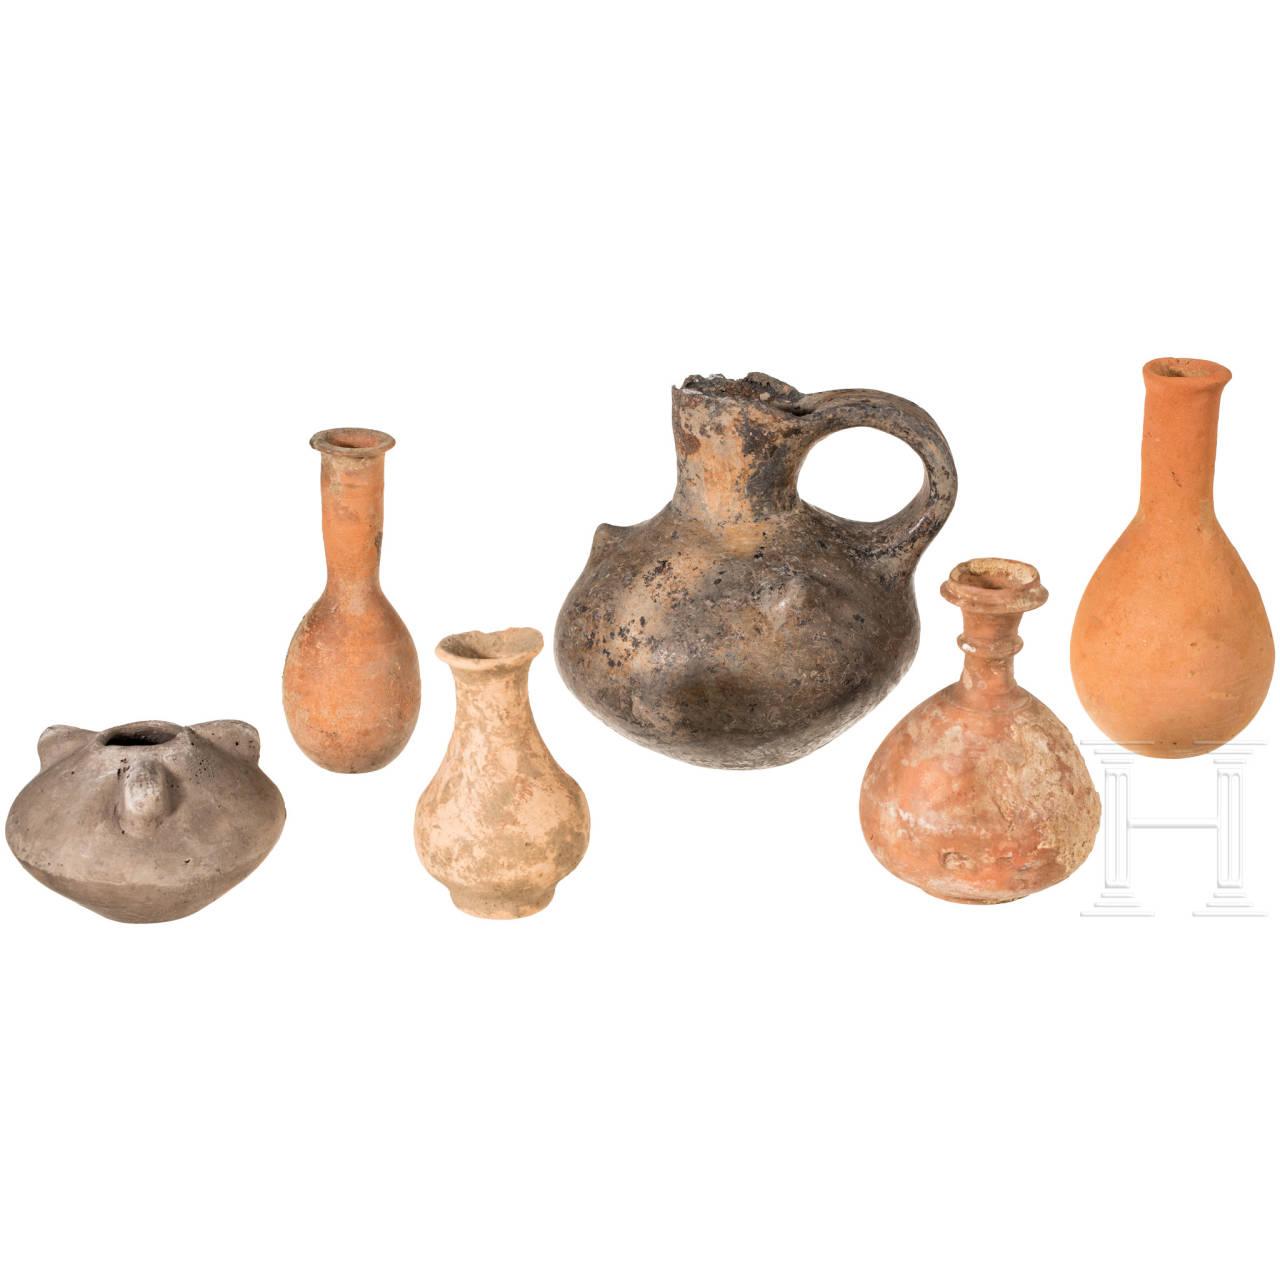 Vier hellenistisch-römische Balsamarien und zwei urnenfelderzeitliche Tongefäße, 2. Jhdt. v. Chr. - 3. Jhdt. n. Chr. und 12. - 11. Jhdt. v. Chr.